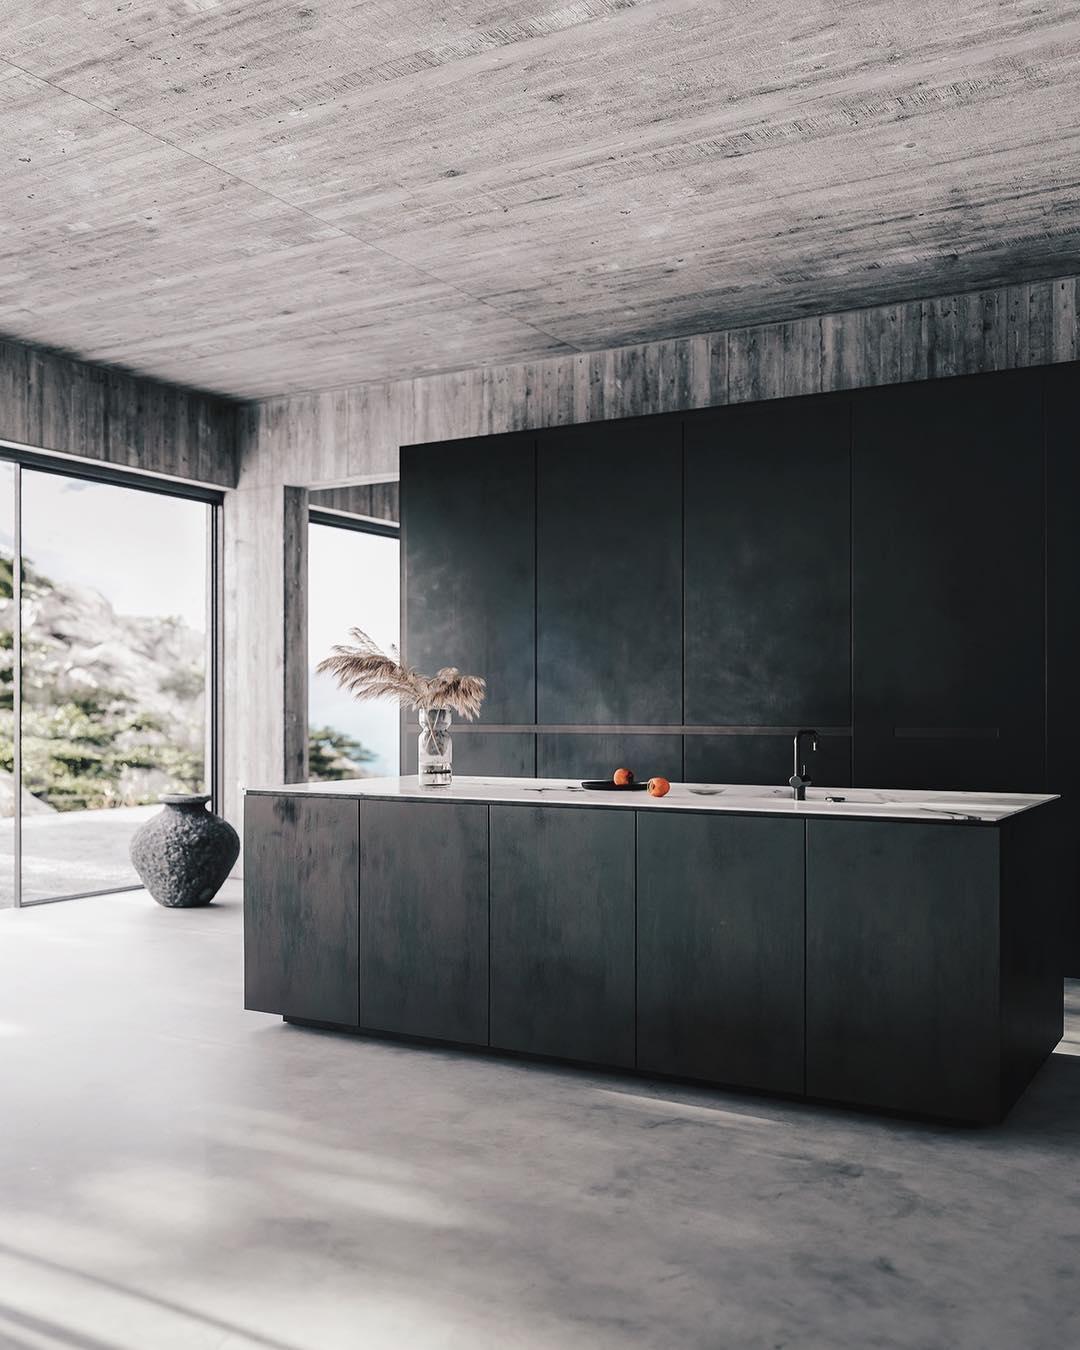 Kitchen in stone